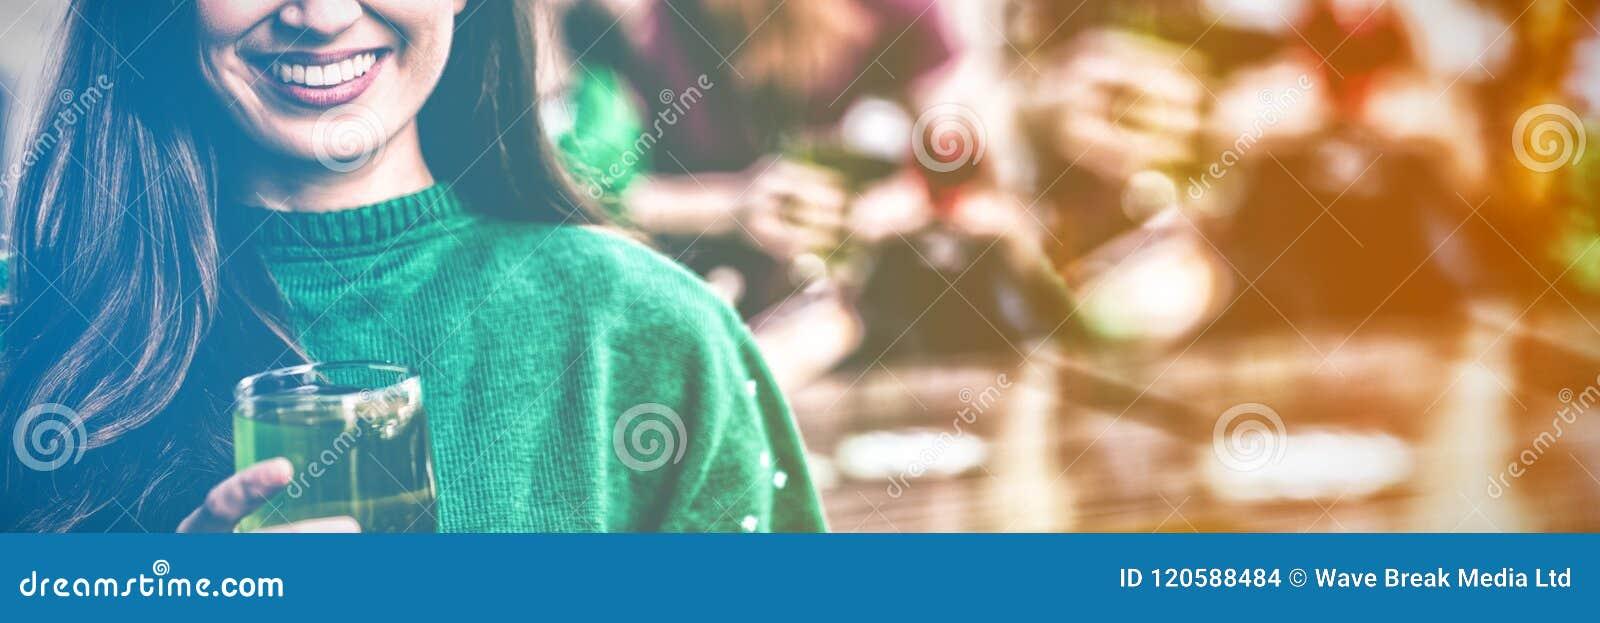 Retrato de la mujer alegre que celebra día del St Patricks